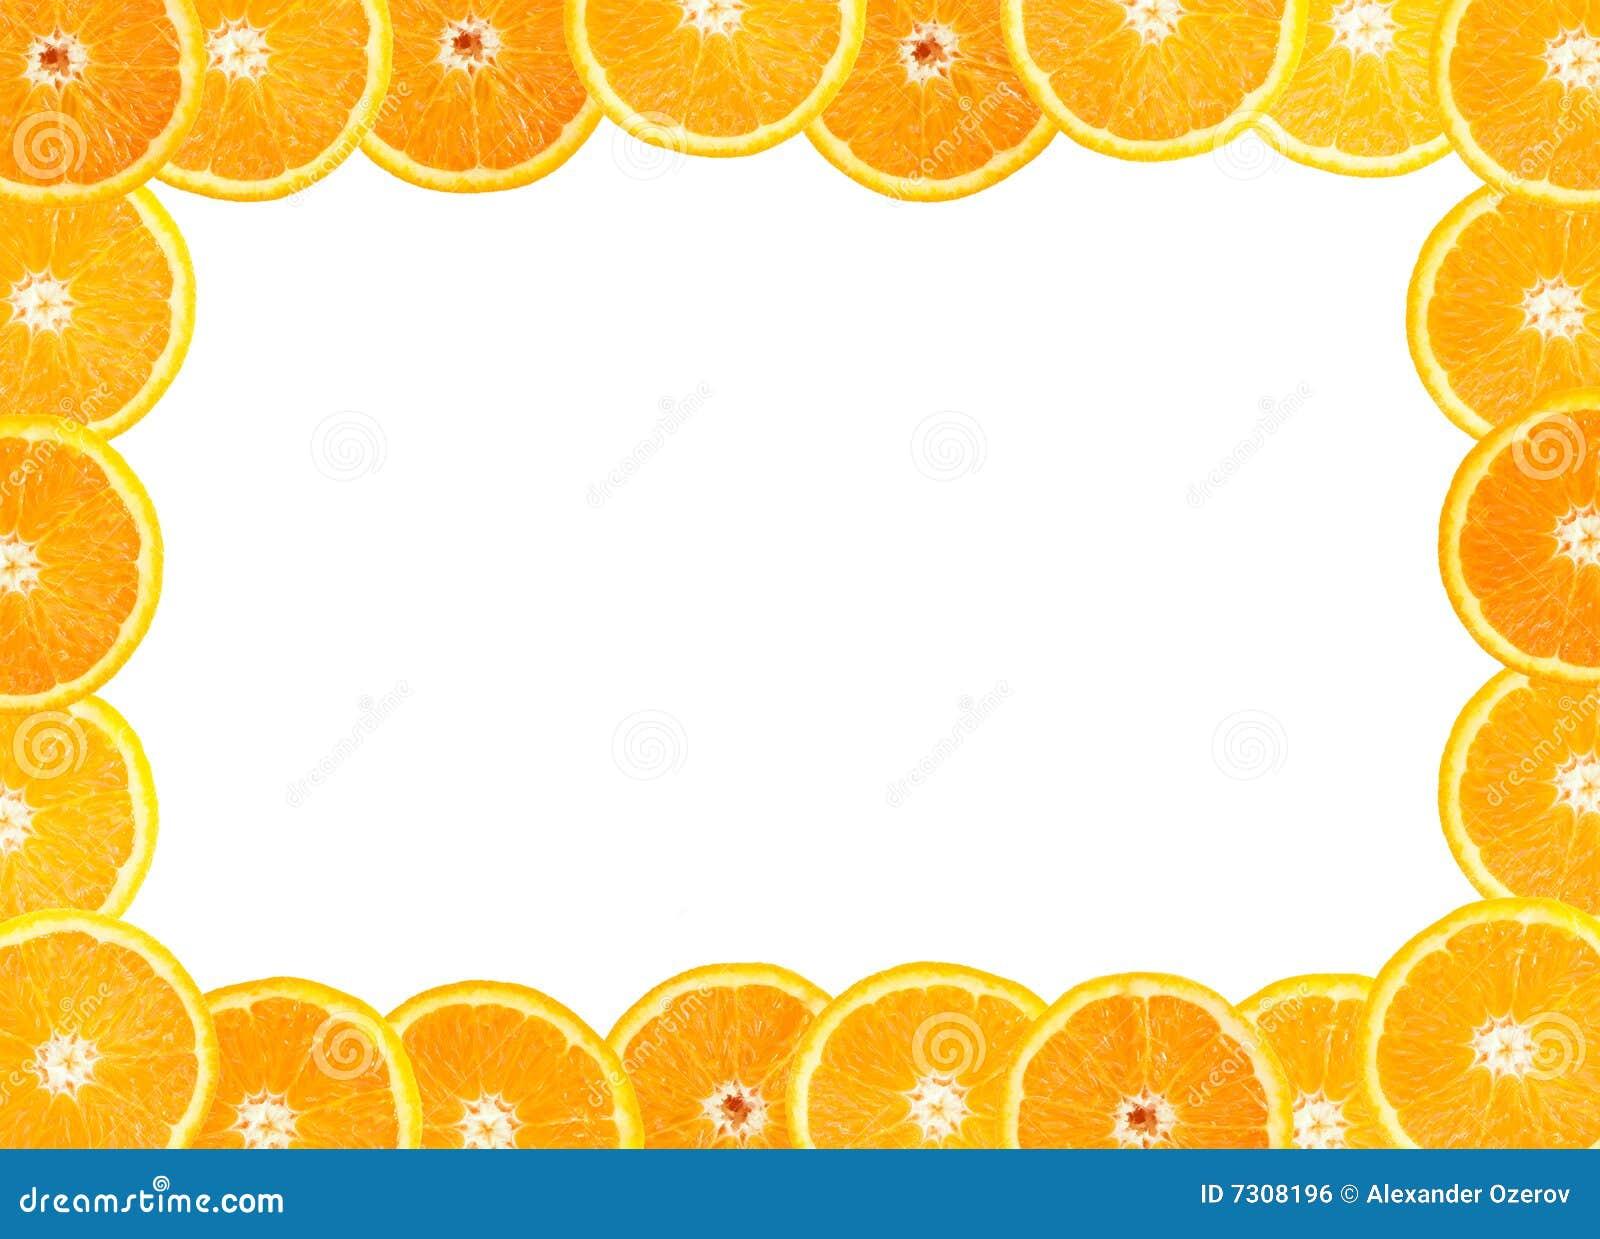 Frame Of Fresh Orange Fruit Stock Photo - Image of organic, plant ...